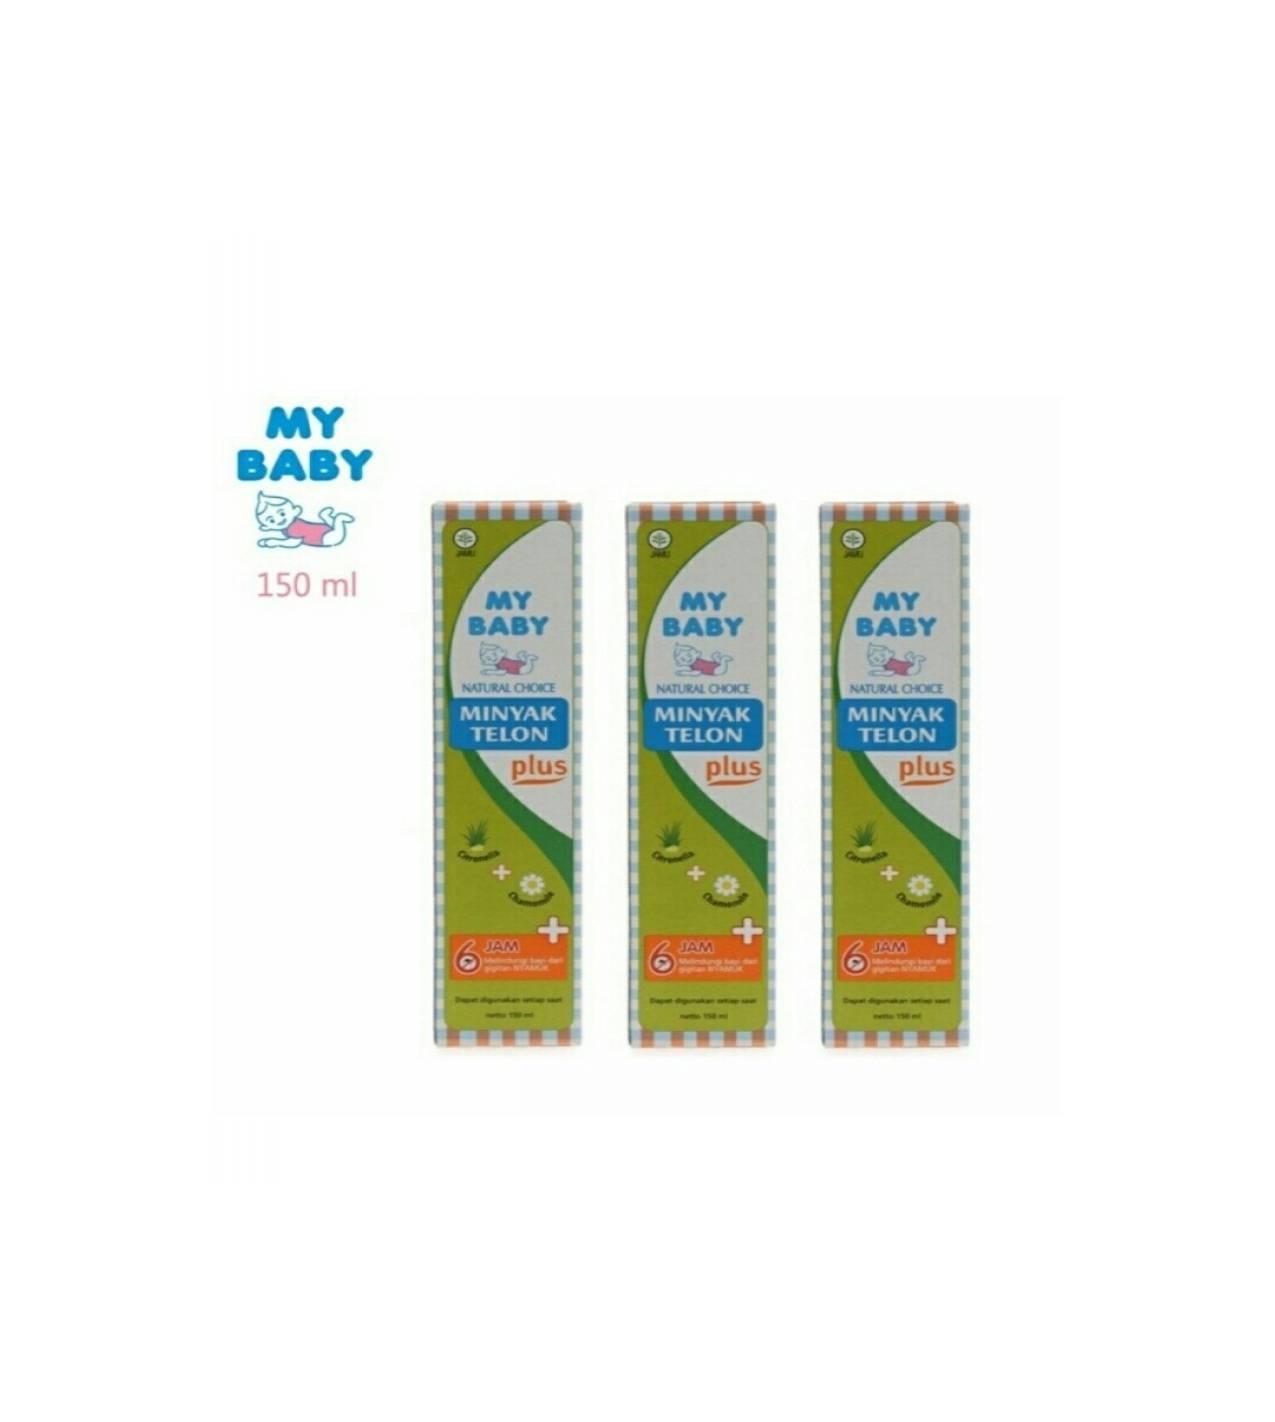 Jual Paket Minyak Telon Murah Garansi Dan Berkualitas Id Store Plus Konicare 125 Ml 3 Pcs Mtk022 Mtk022idr299200 Rp 320000 Hukiidr320000 323200